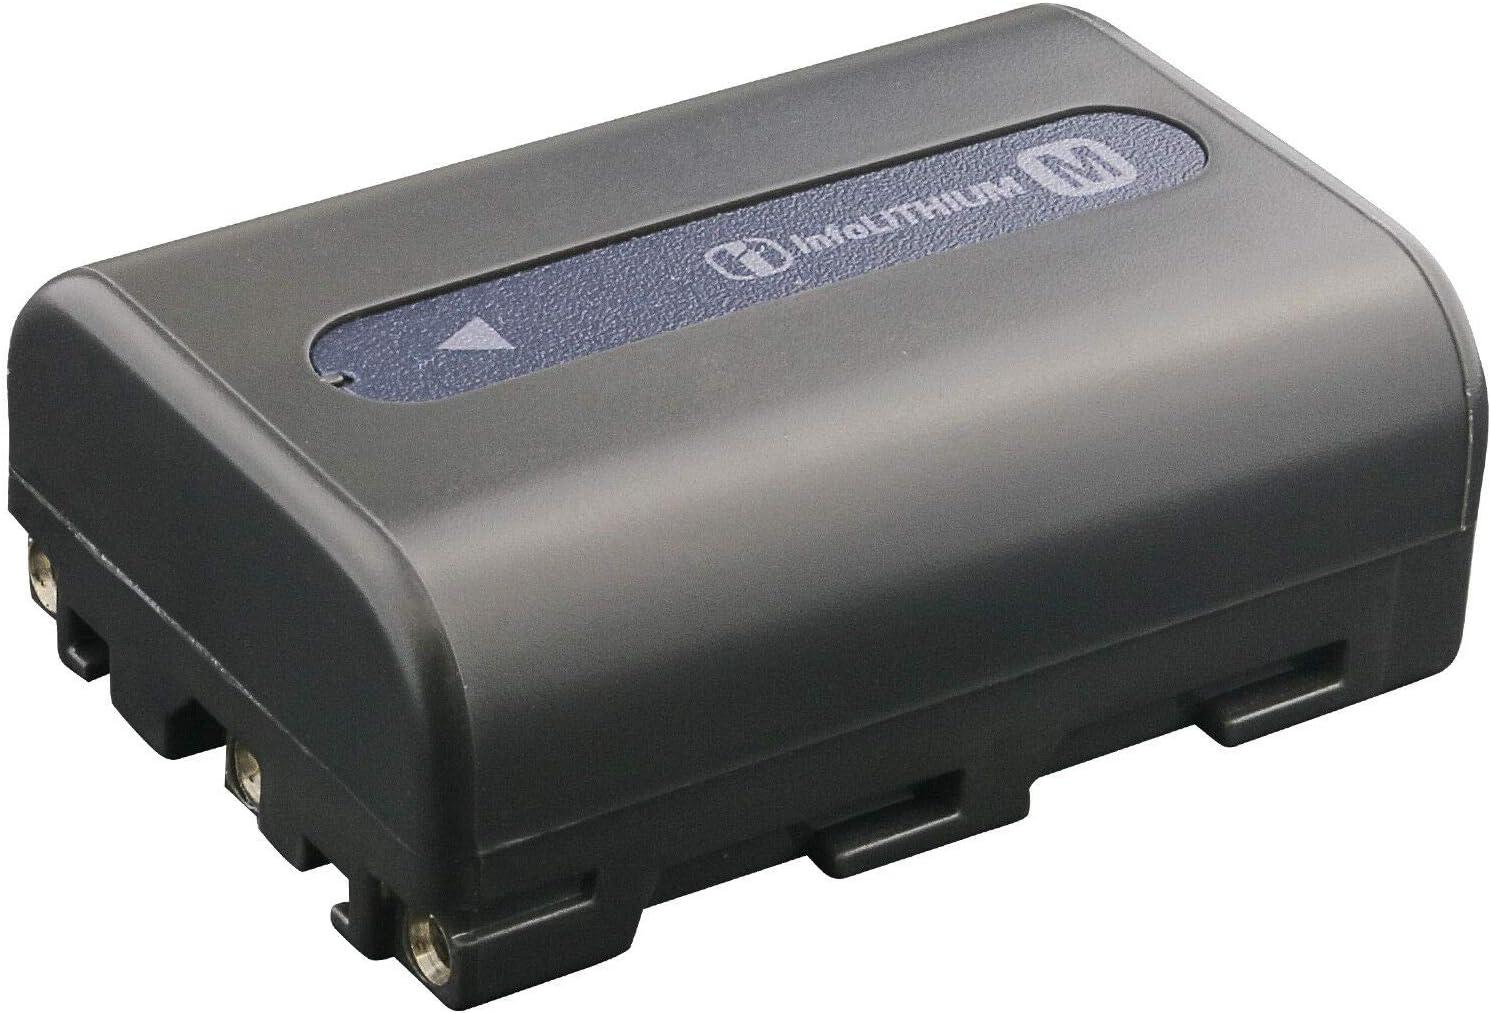 DCR-TRV50 DCR-TRV33 DCR-TRV80 DCR-TRV75 DCR-TRV39 DCR-TRV40 DCR-TRV38 DCR-TRV70 Kastar 1-Pack Battery and AC Wall Charger Replacement for Sony DCR-TRV25 DCR-TRV30 DCR-TRV116 DCR-TRV60